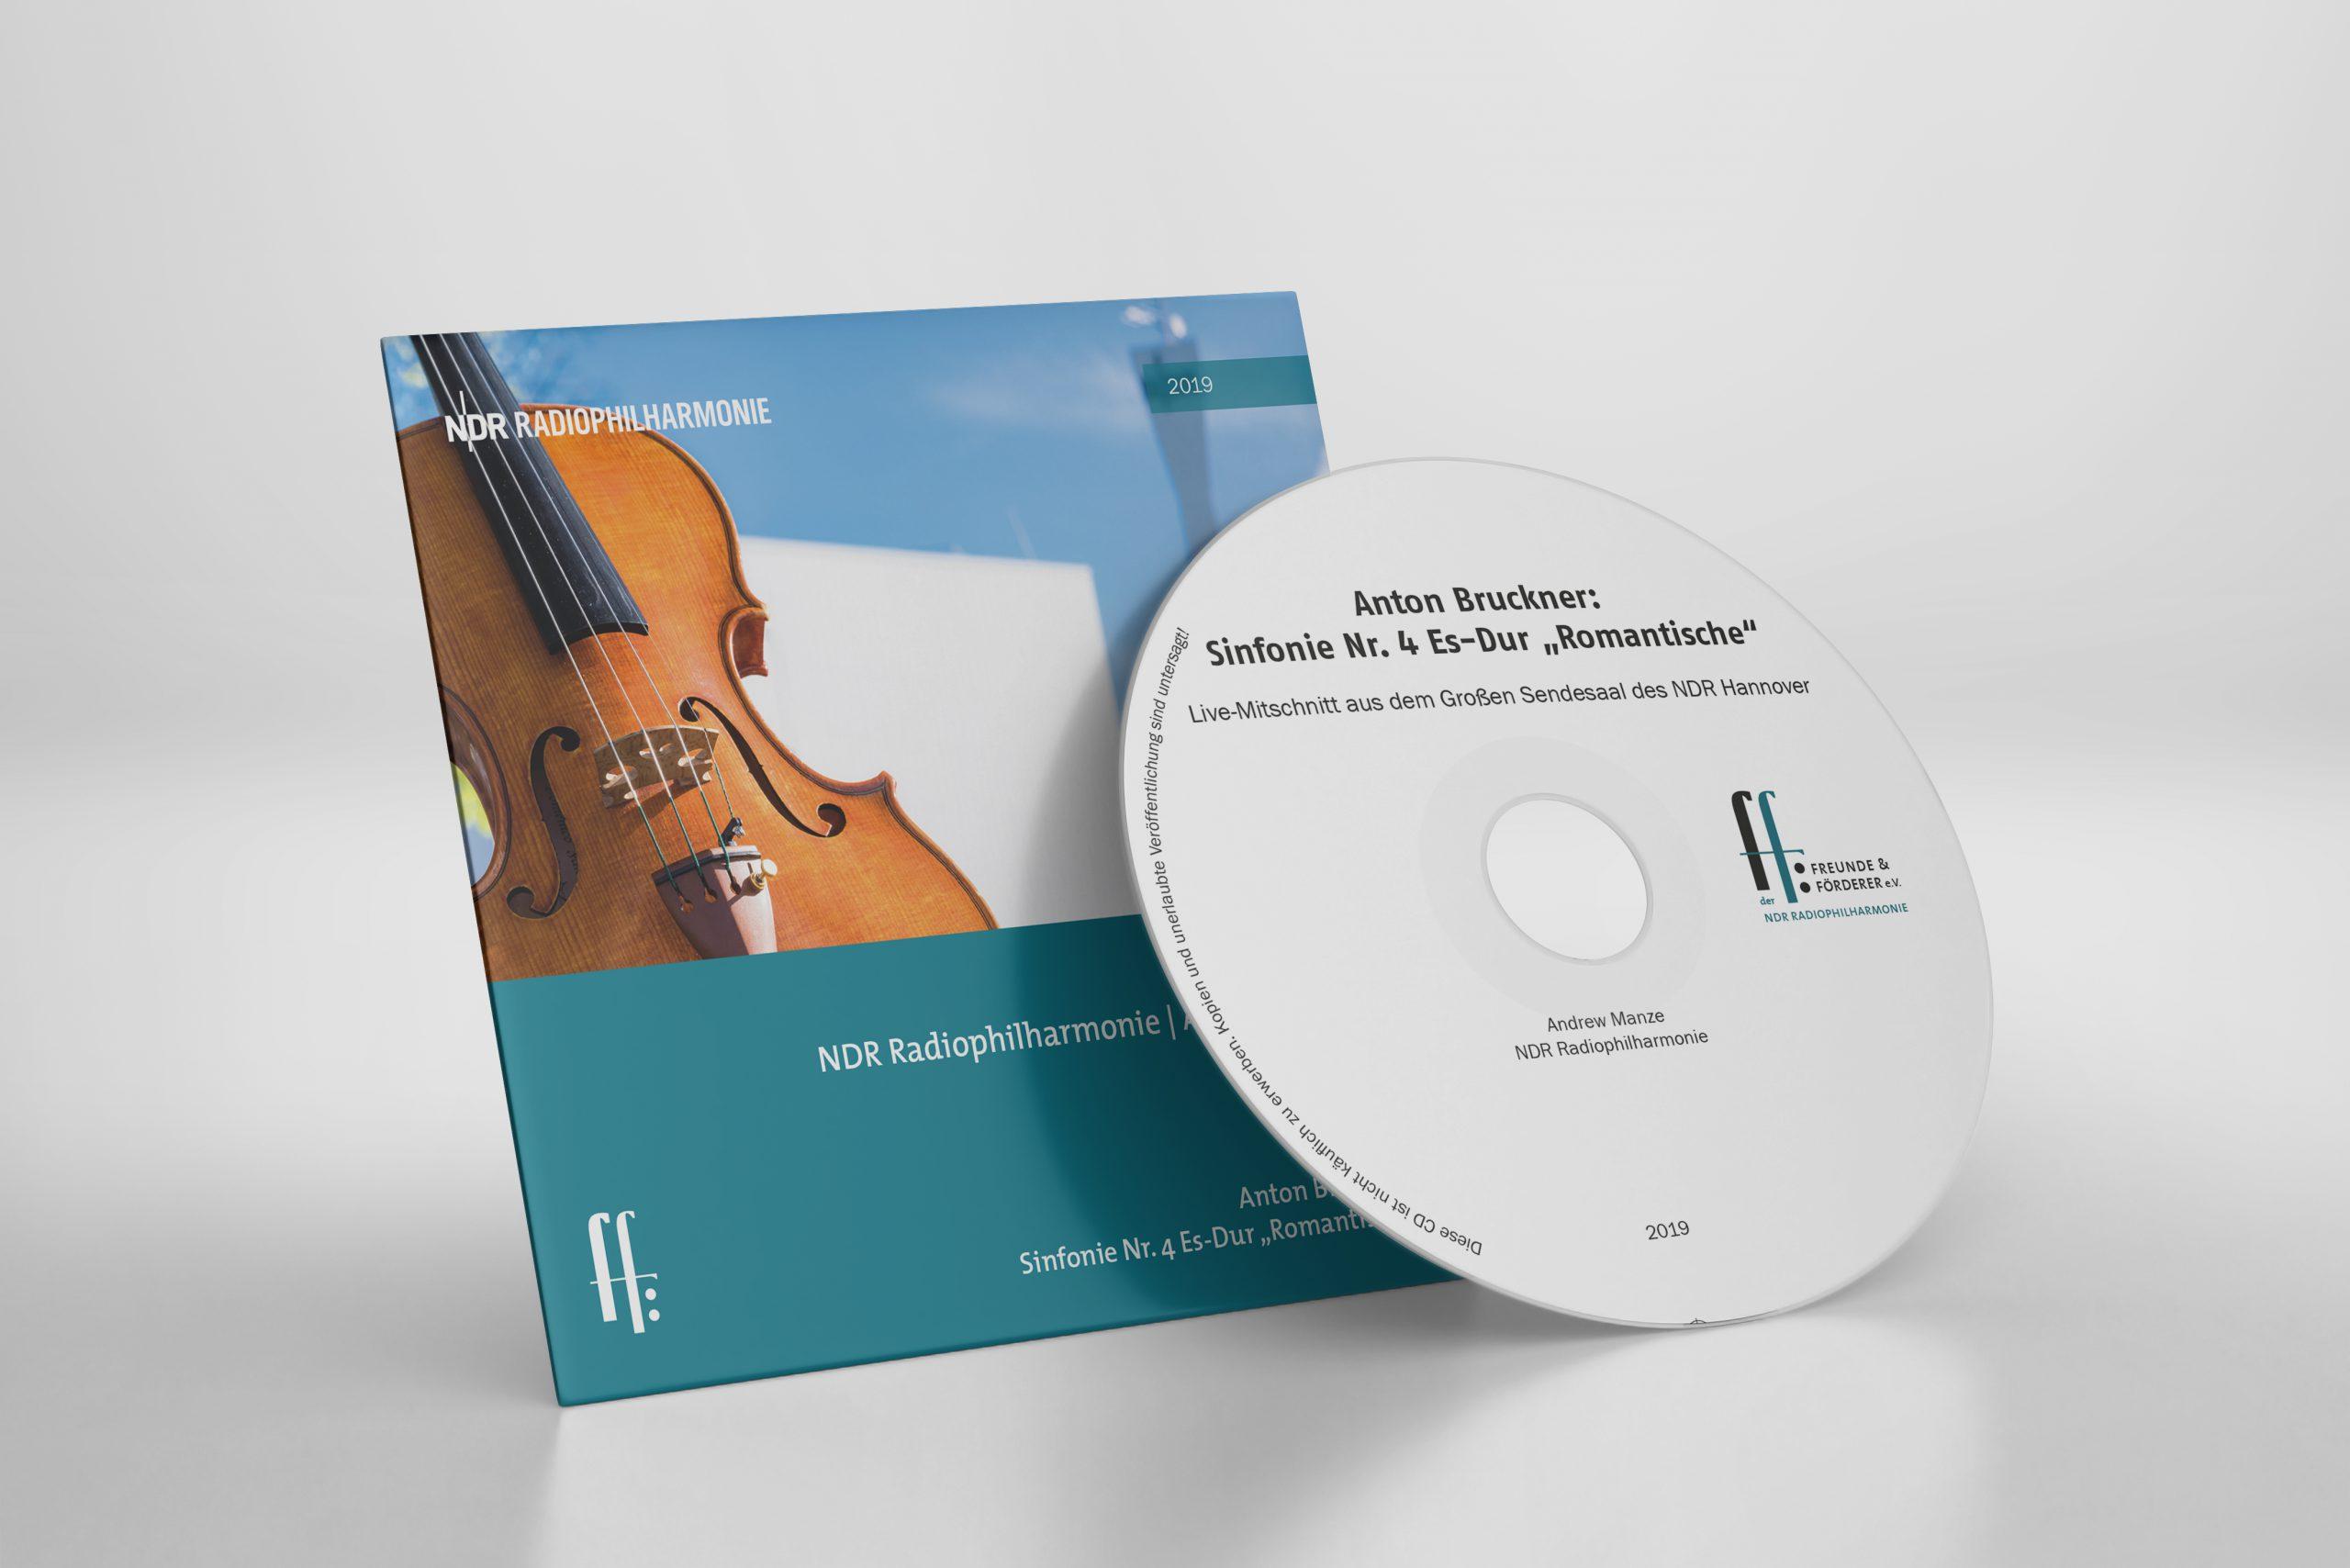 Crossover-Marketing-Hannover-Kunden-NDR-CD